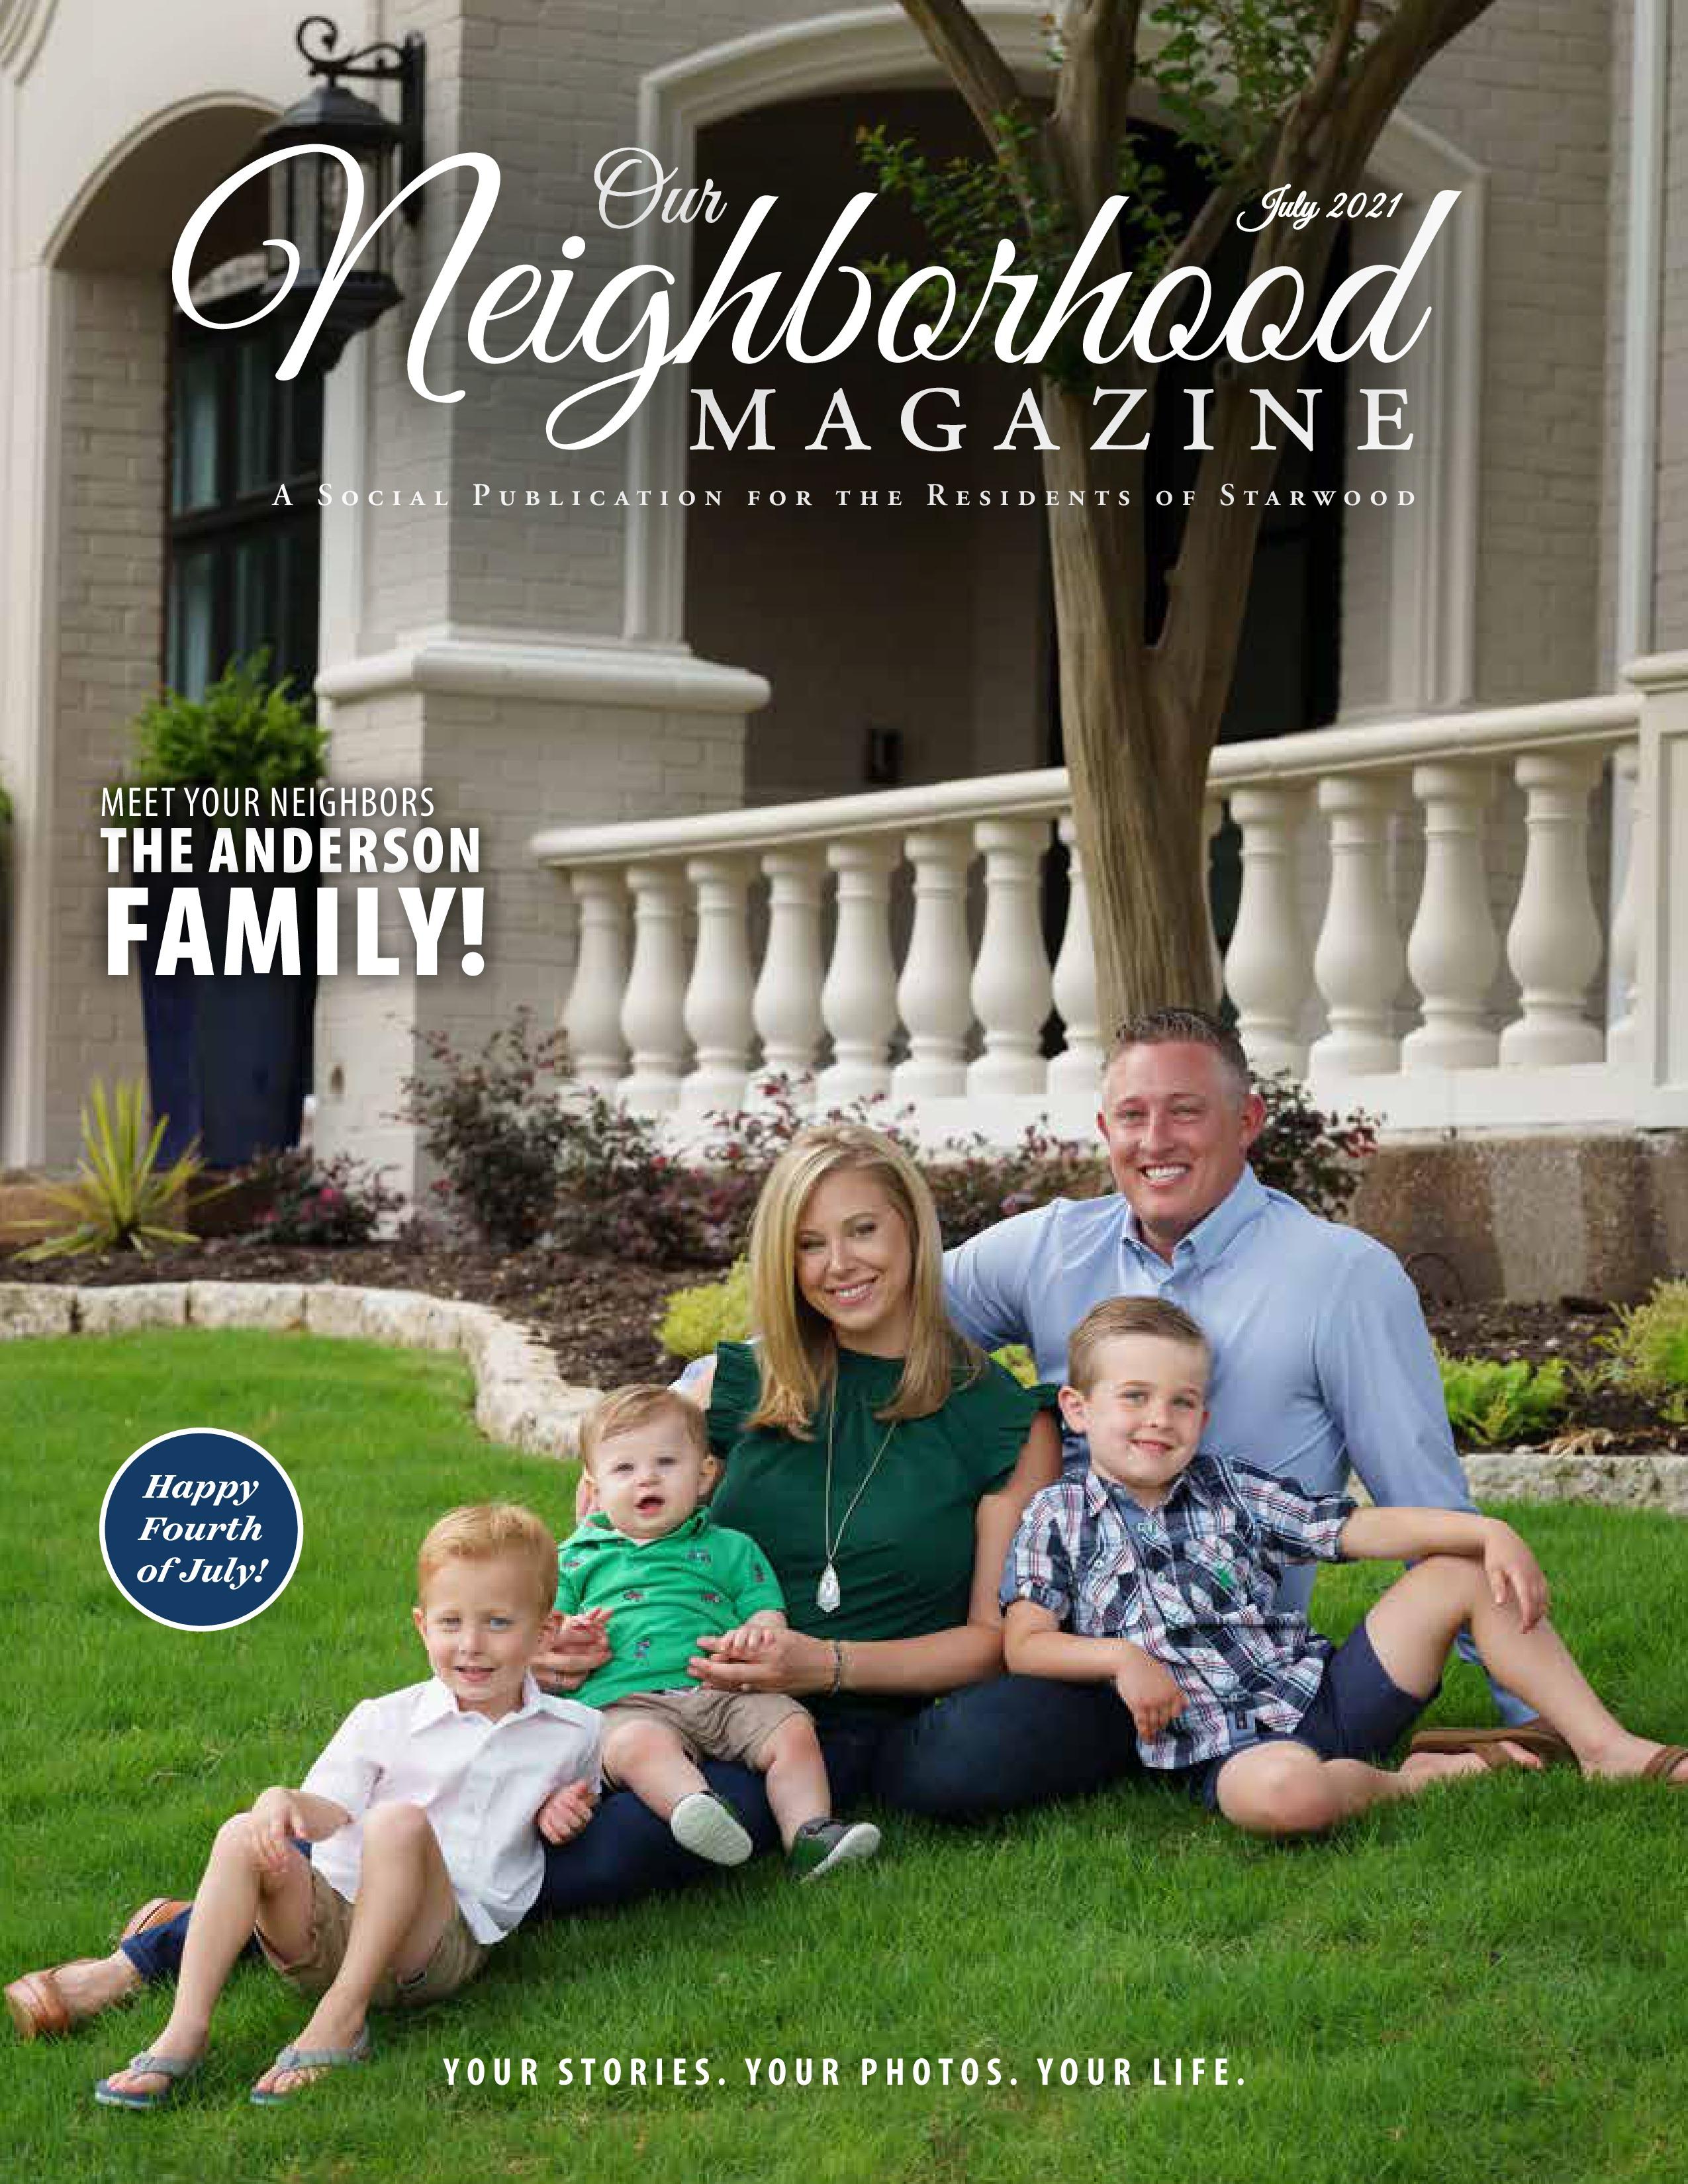 Our Neighborhood Magazine 2021-07-01